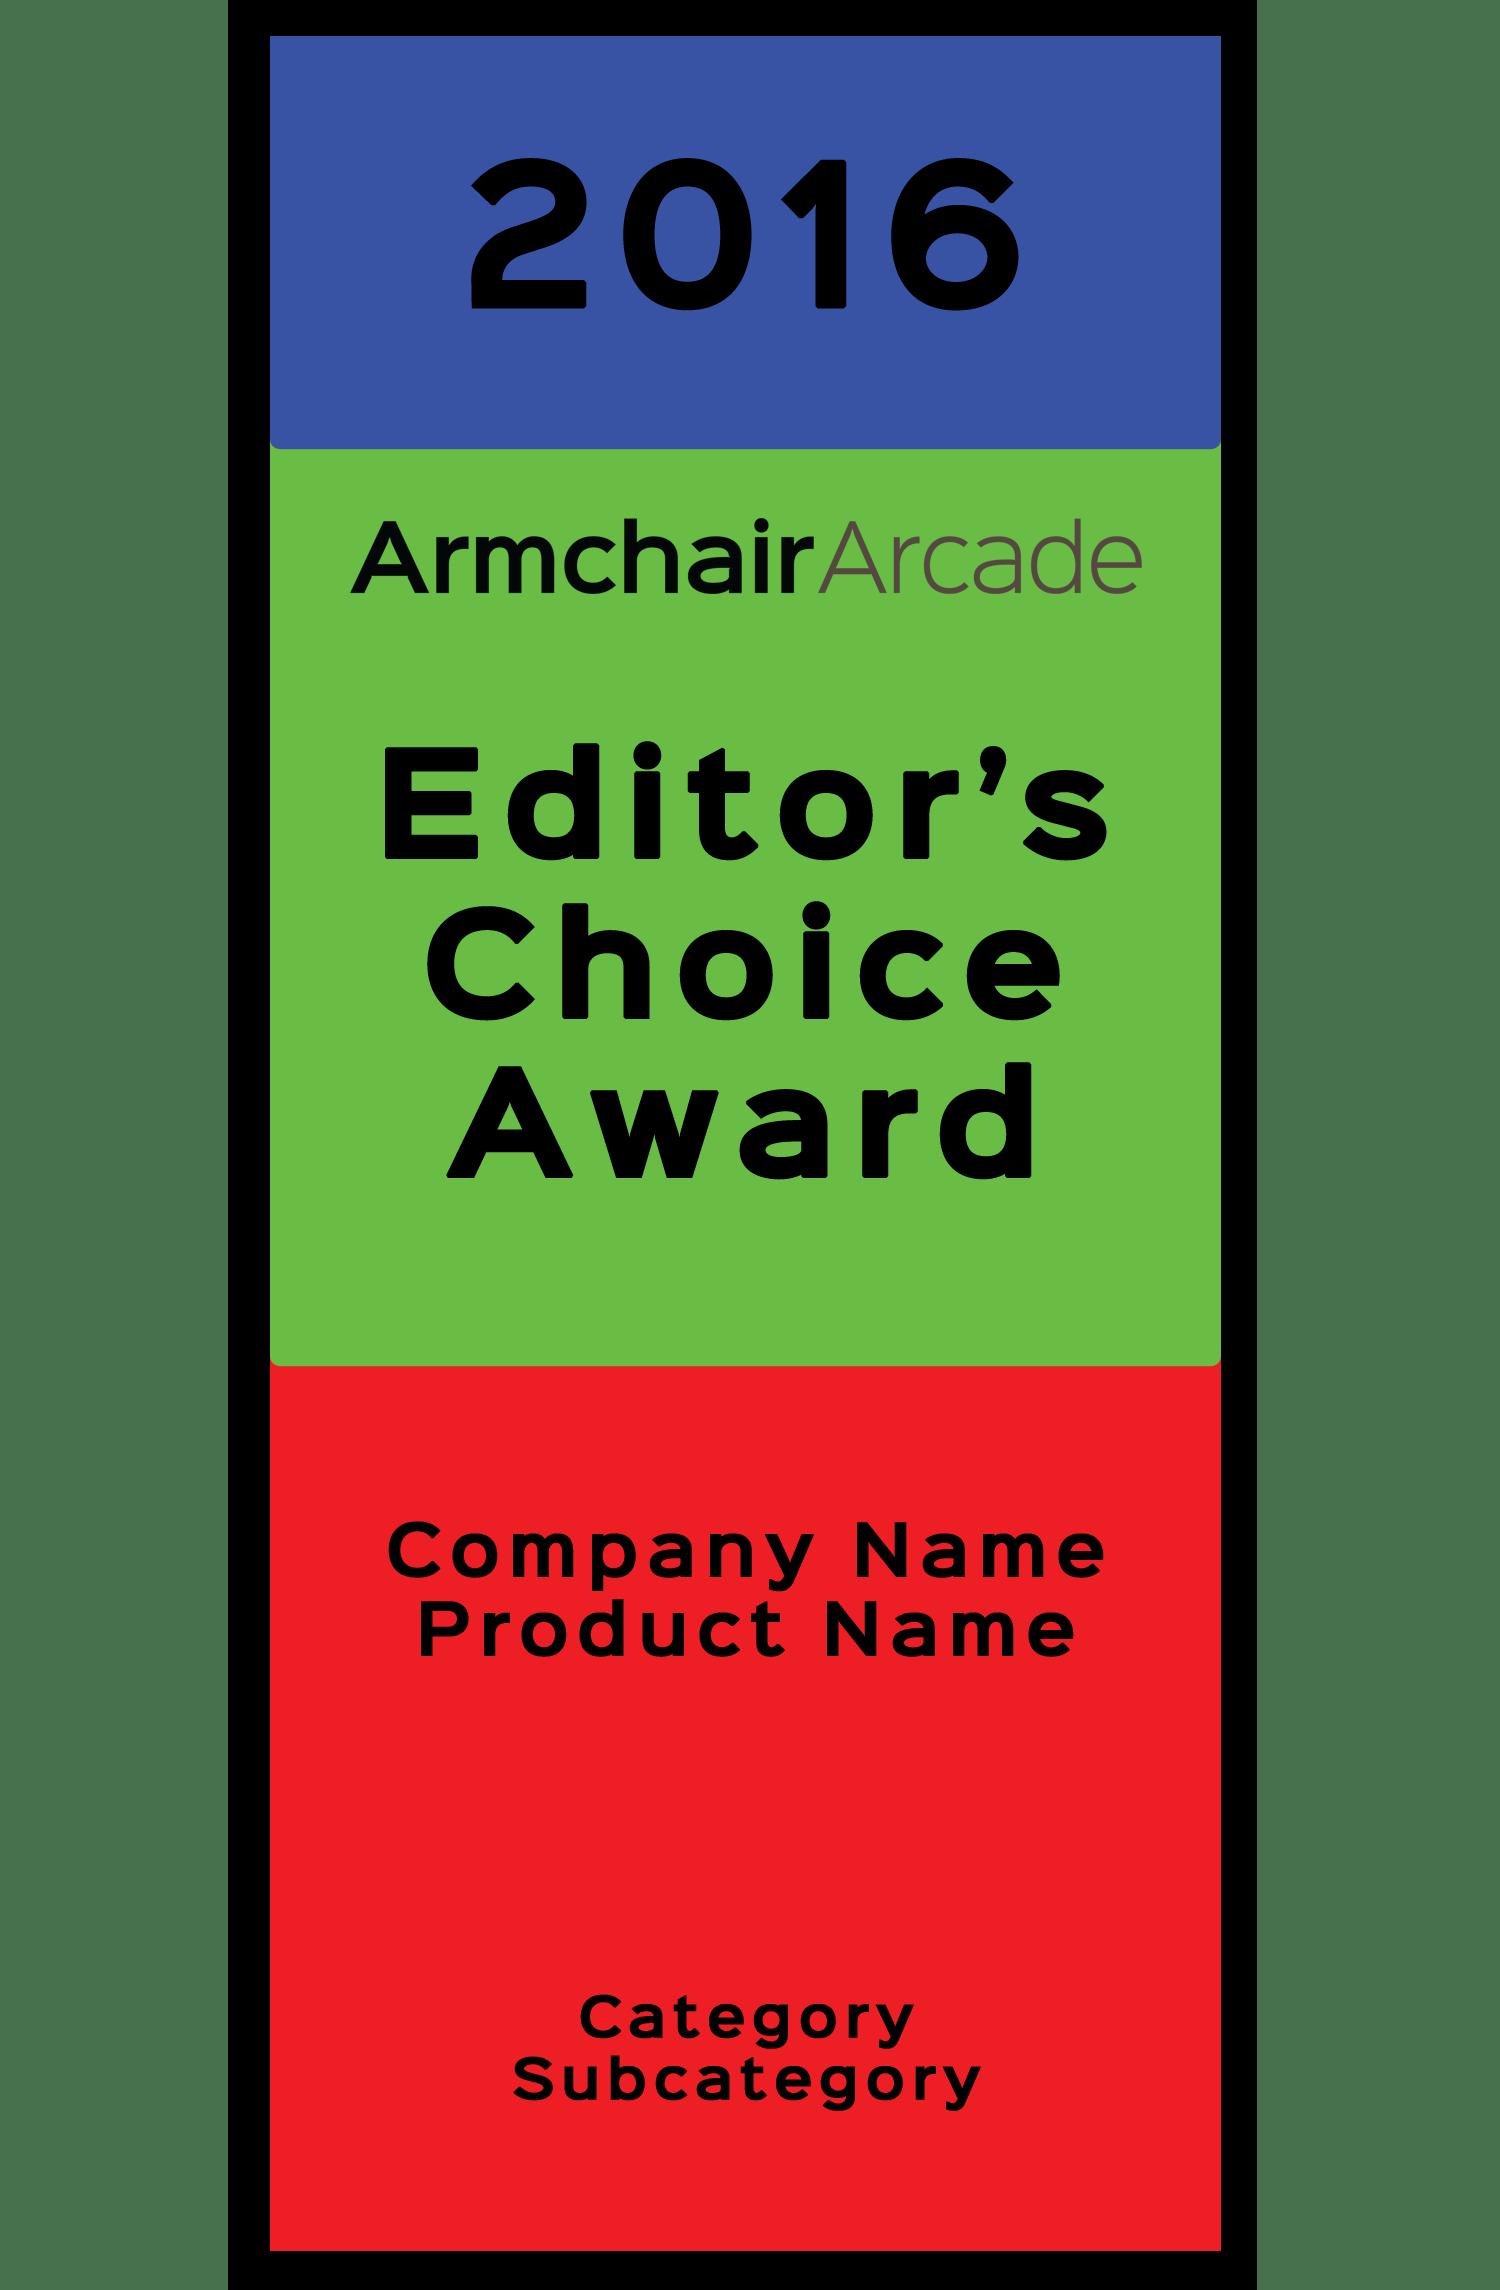 Armchair Arcade Editor's Choice Award Template - 2016